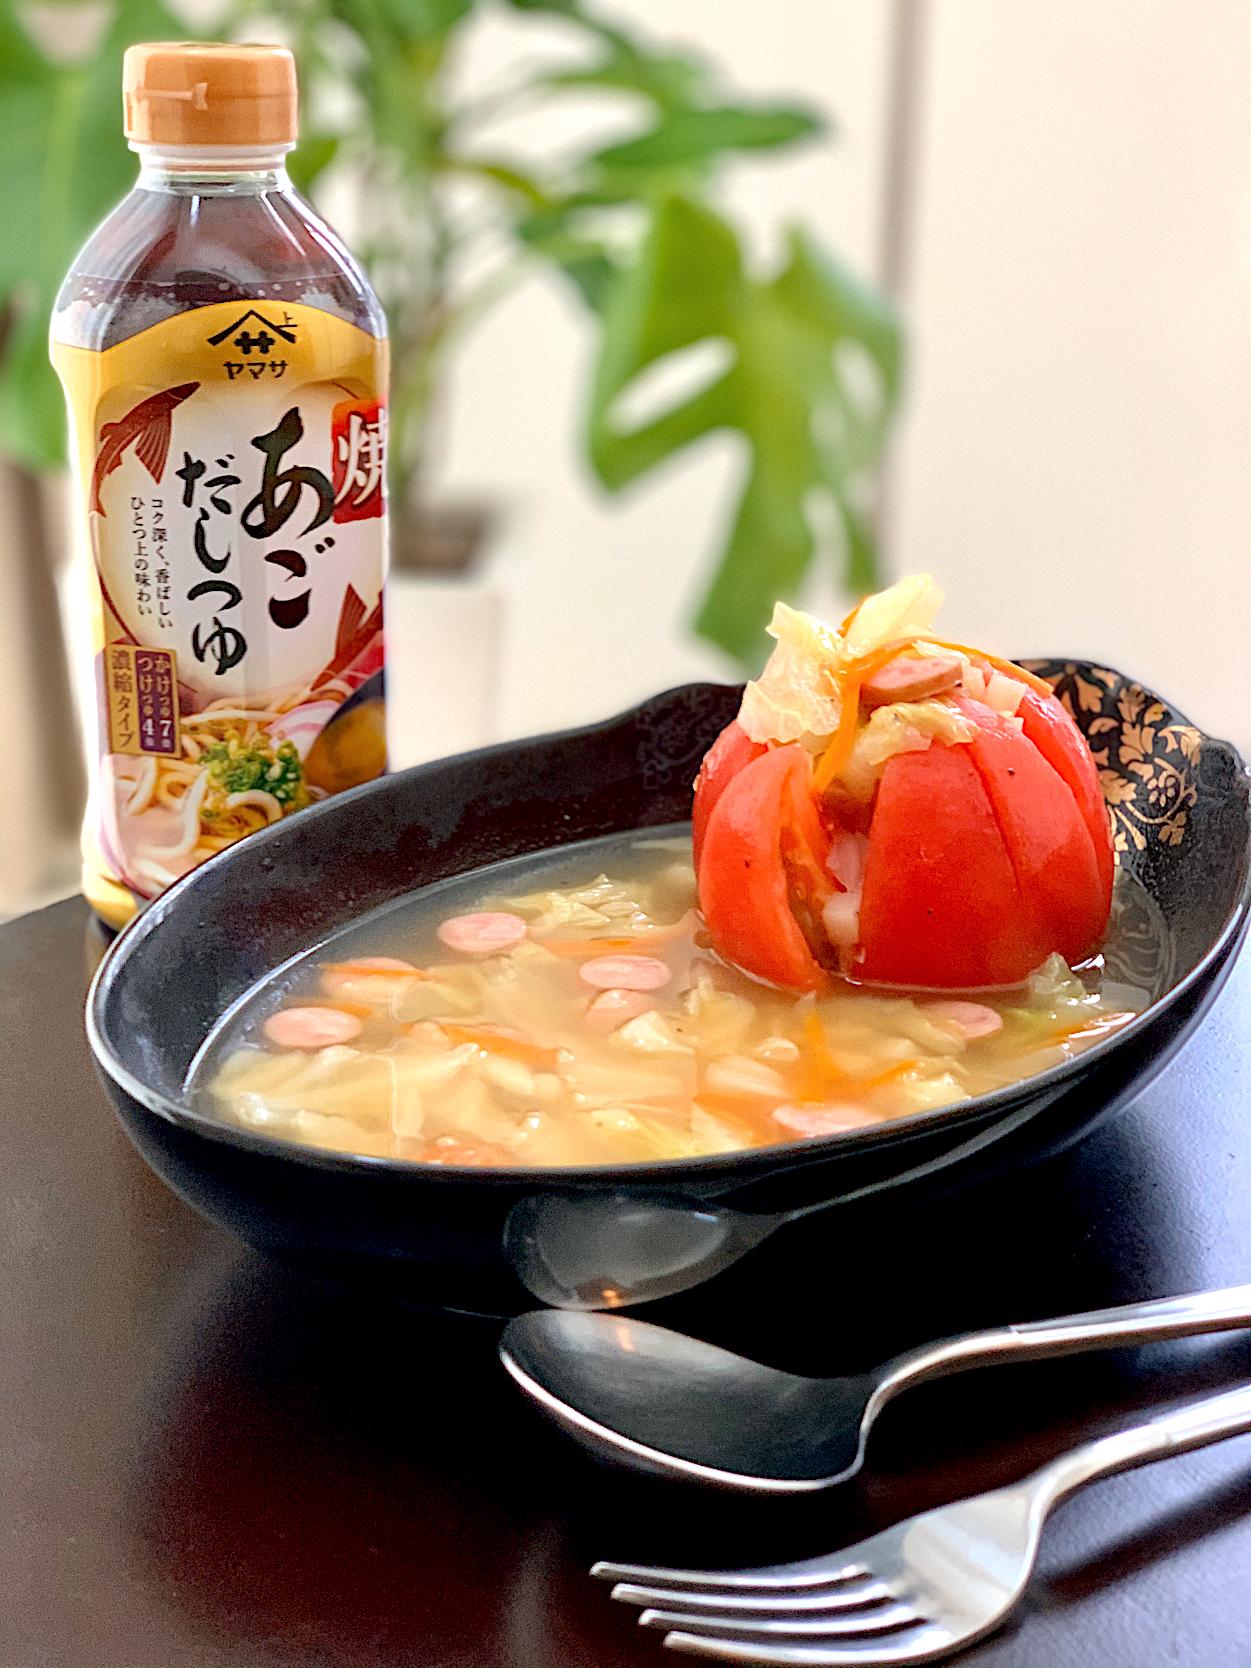 ヤマサ焼あごだしつゆで野菜たっぷり食べるスープで朝ごはん?